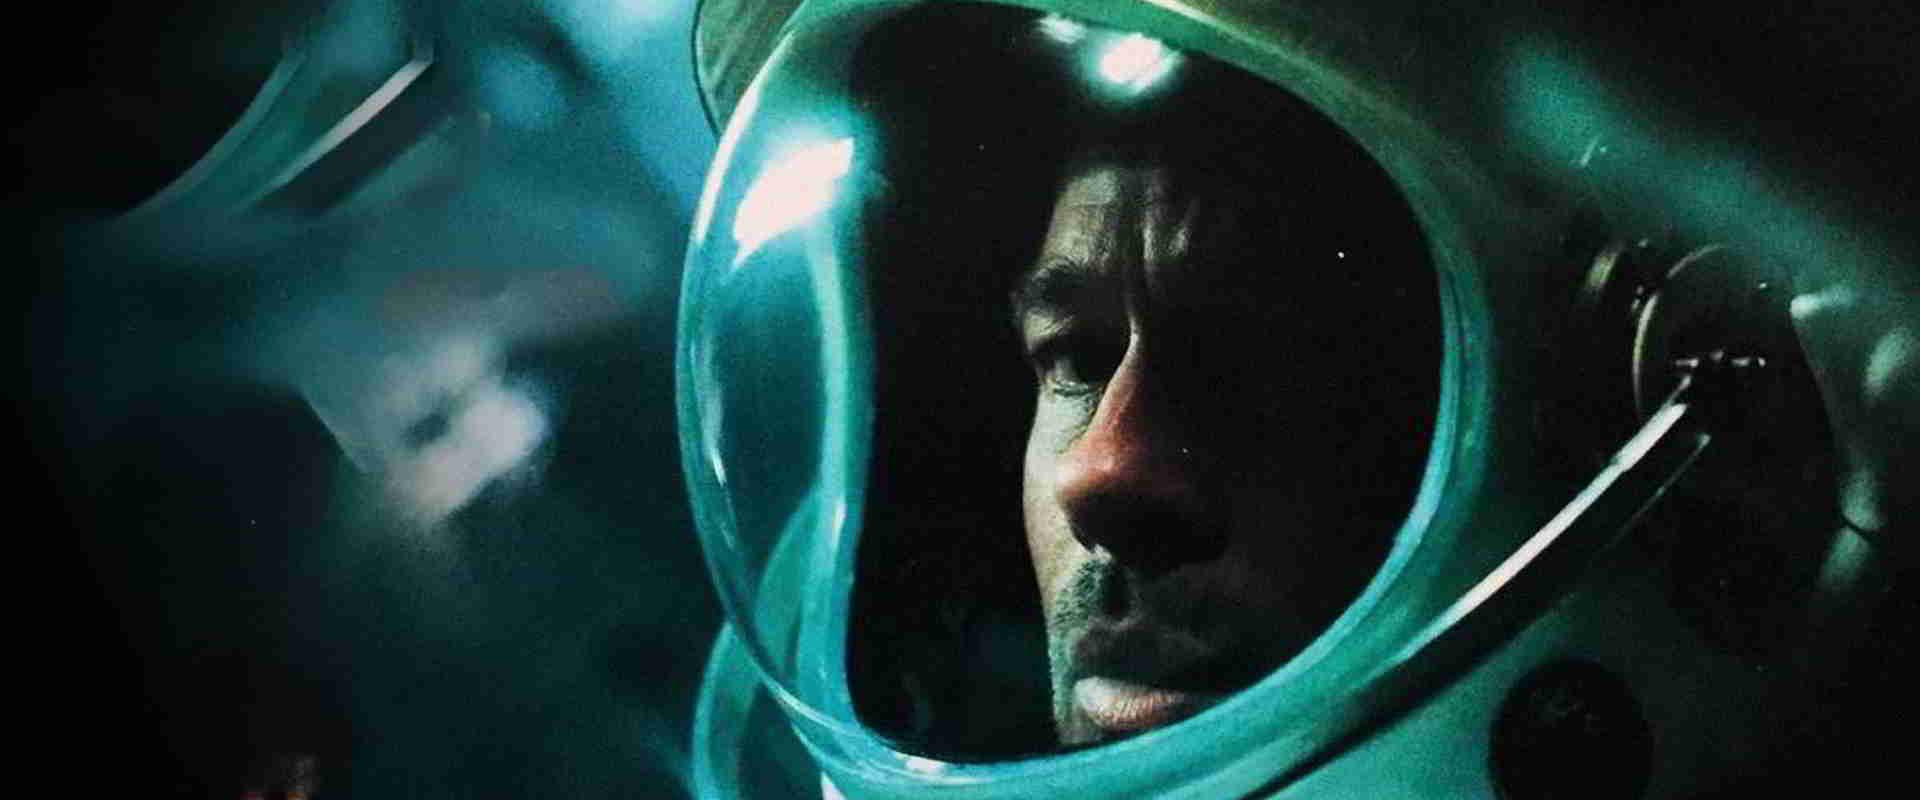 Ad Astra, il thriller fantascientifico con Brad Pitt